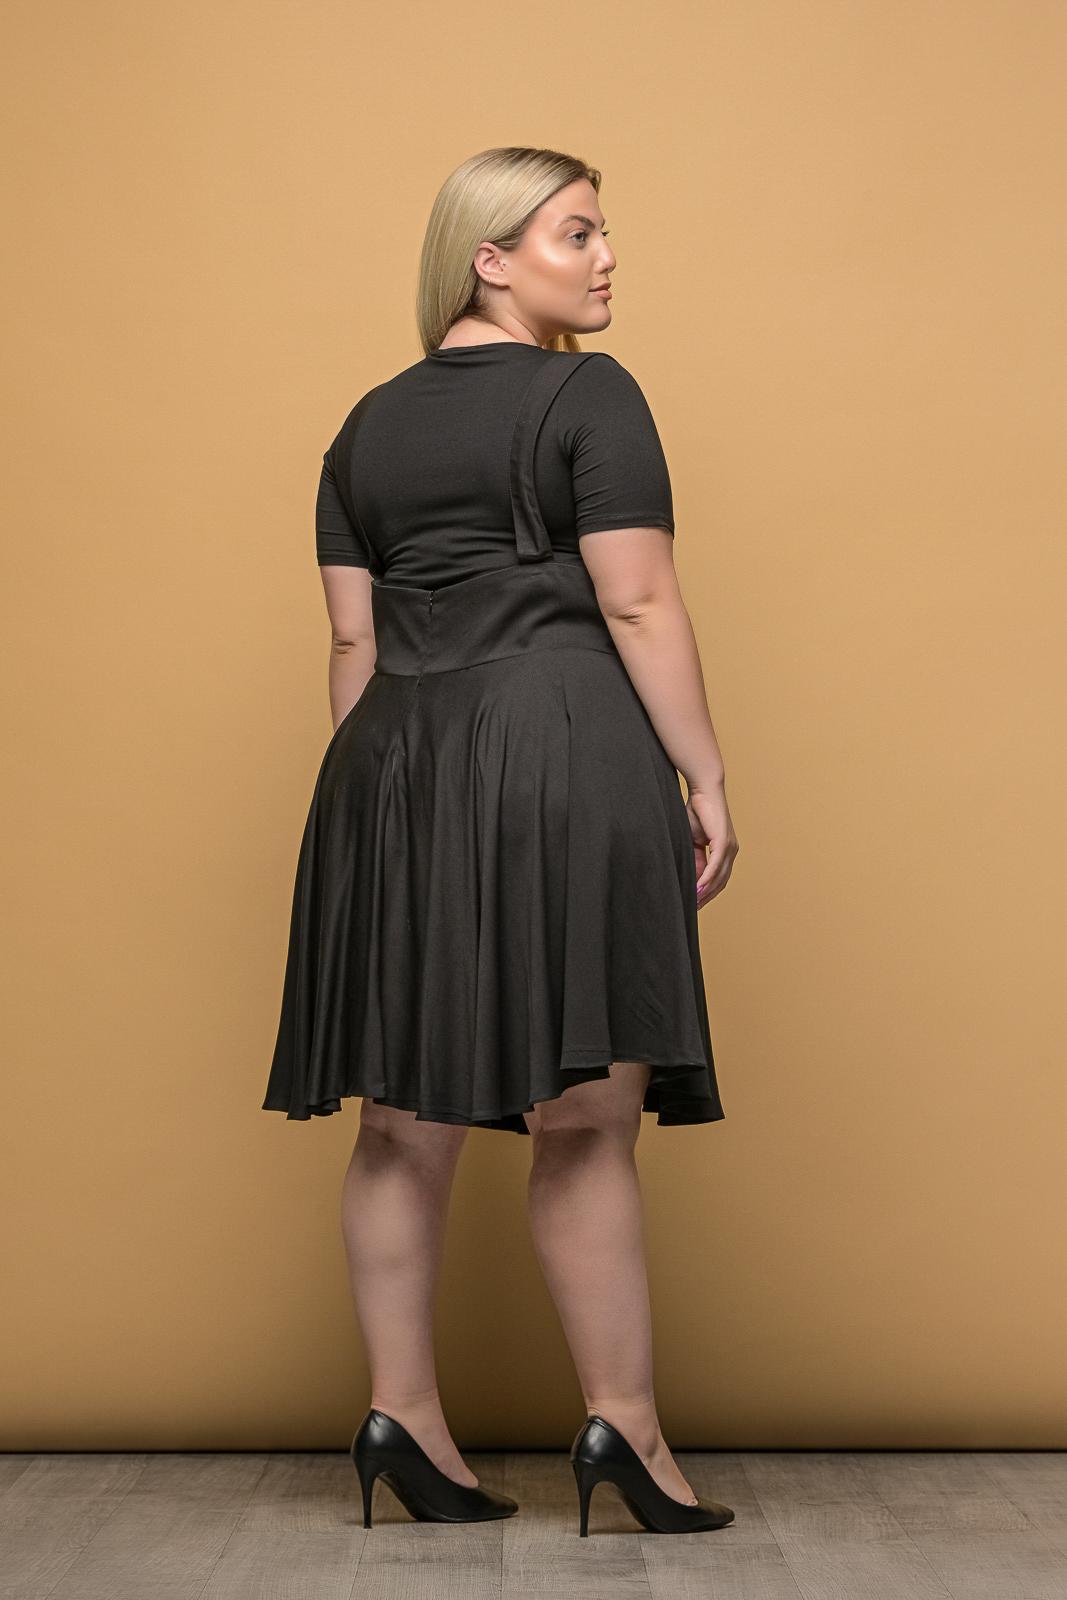 Φούστα μεγάλα μεγέθη μαύρη με μπάσκα,τιράντες και φερμουάρ.Στο eshop μας θα βρείτε οικονομικά γυναίκεια ρούχα σε μεγάλα μεγέθη και υπερμεγέθη.